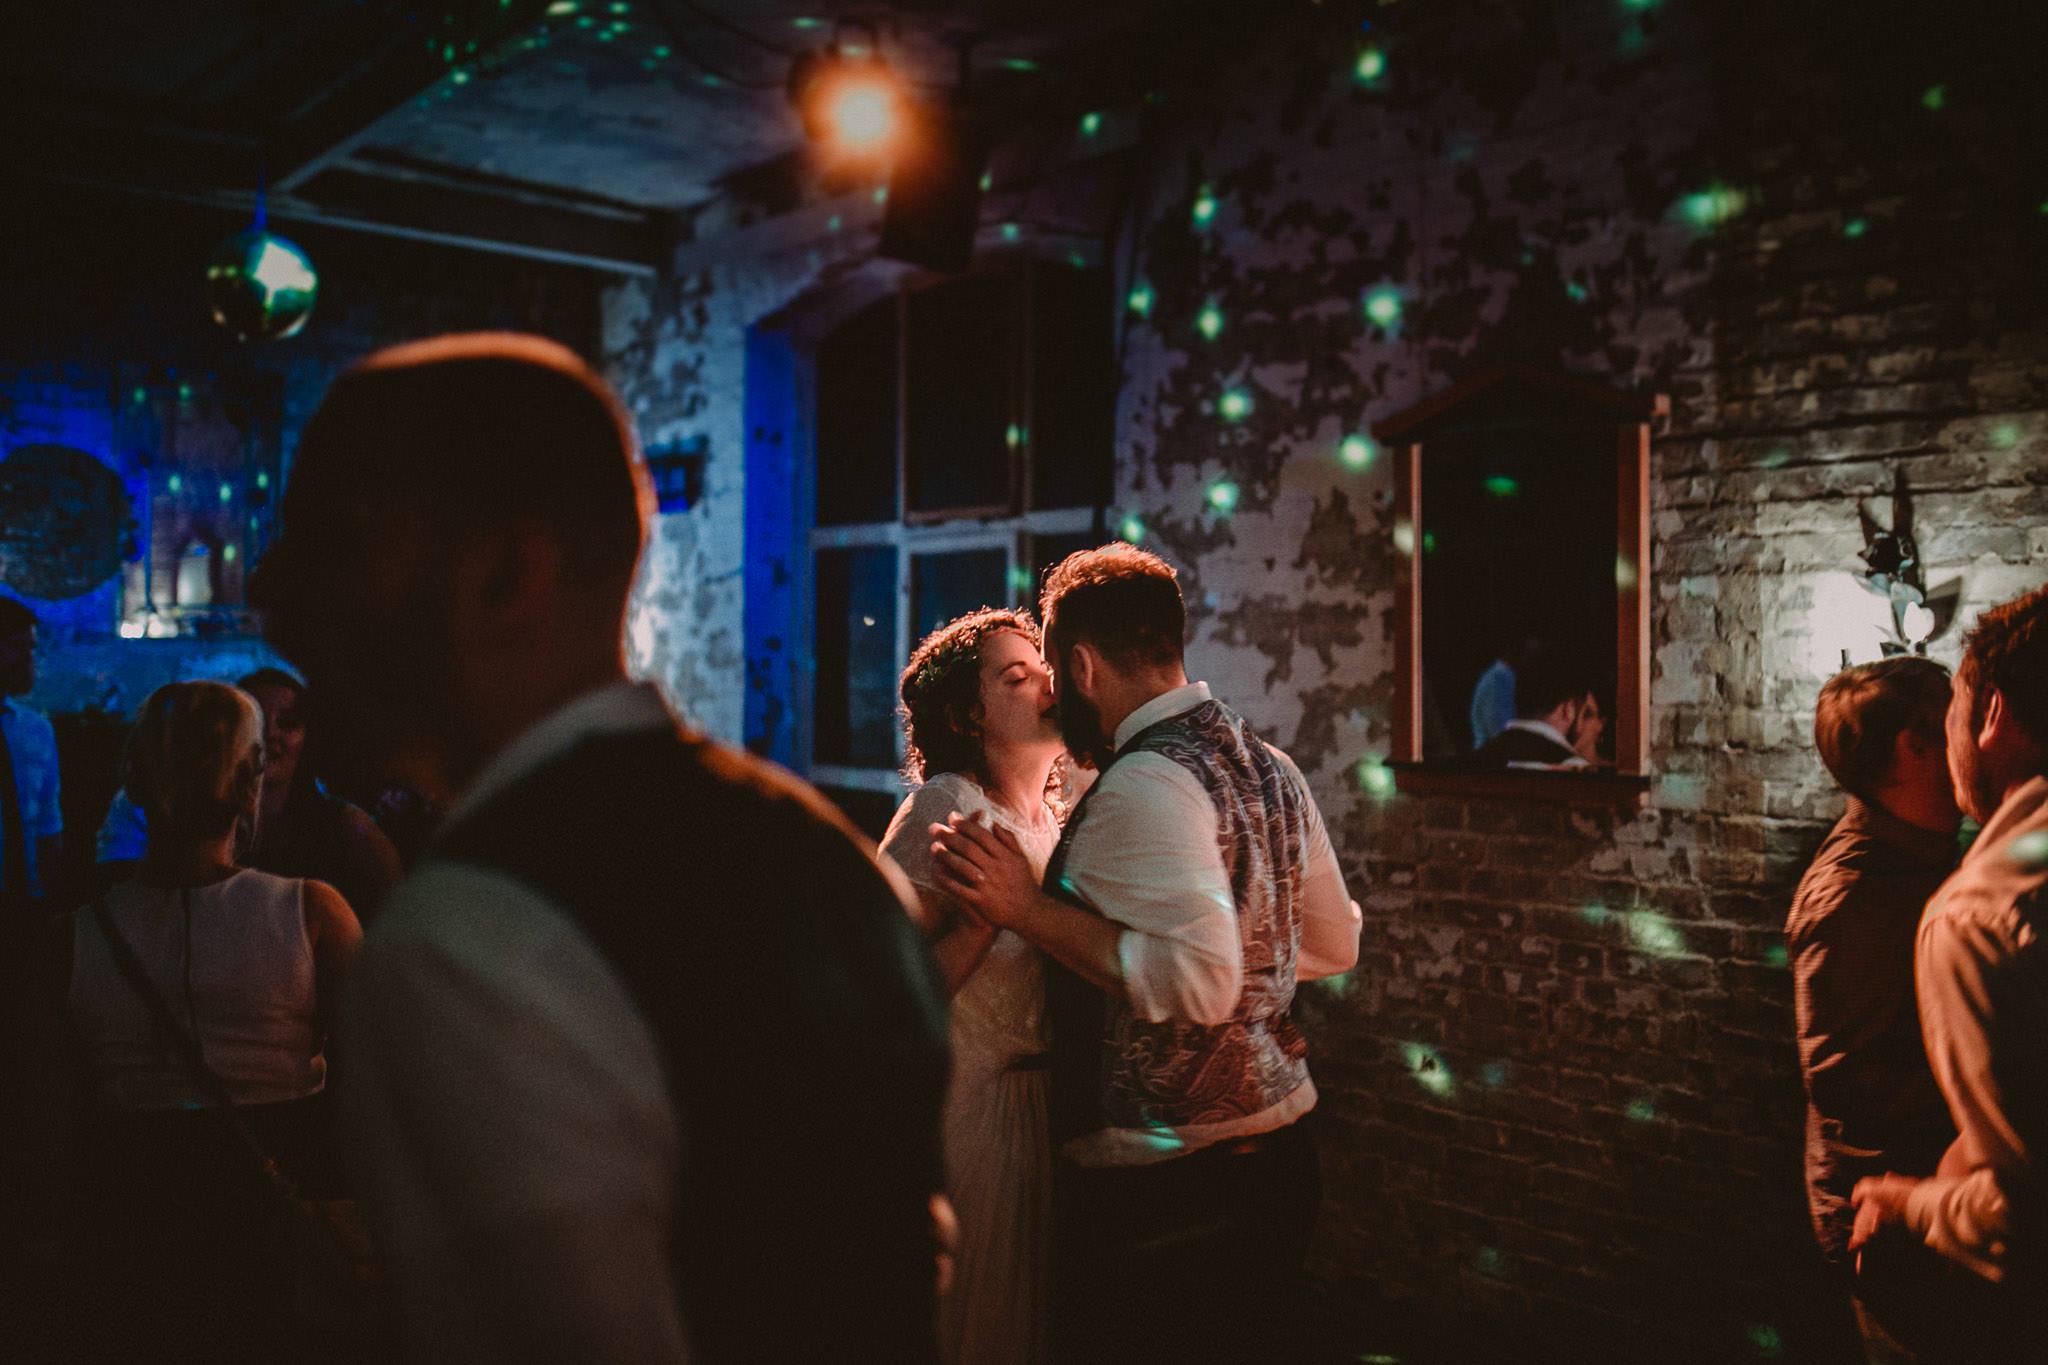 bester Hochzeitsfotograf in Berlin, Brandenburg, Deutschland